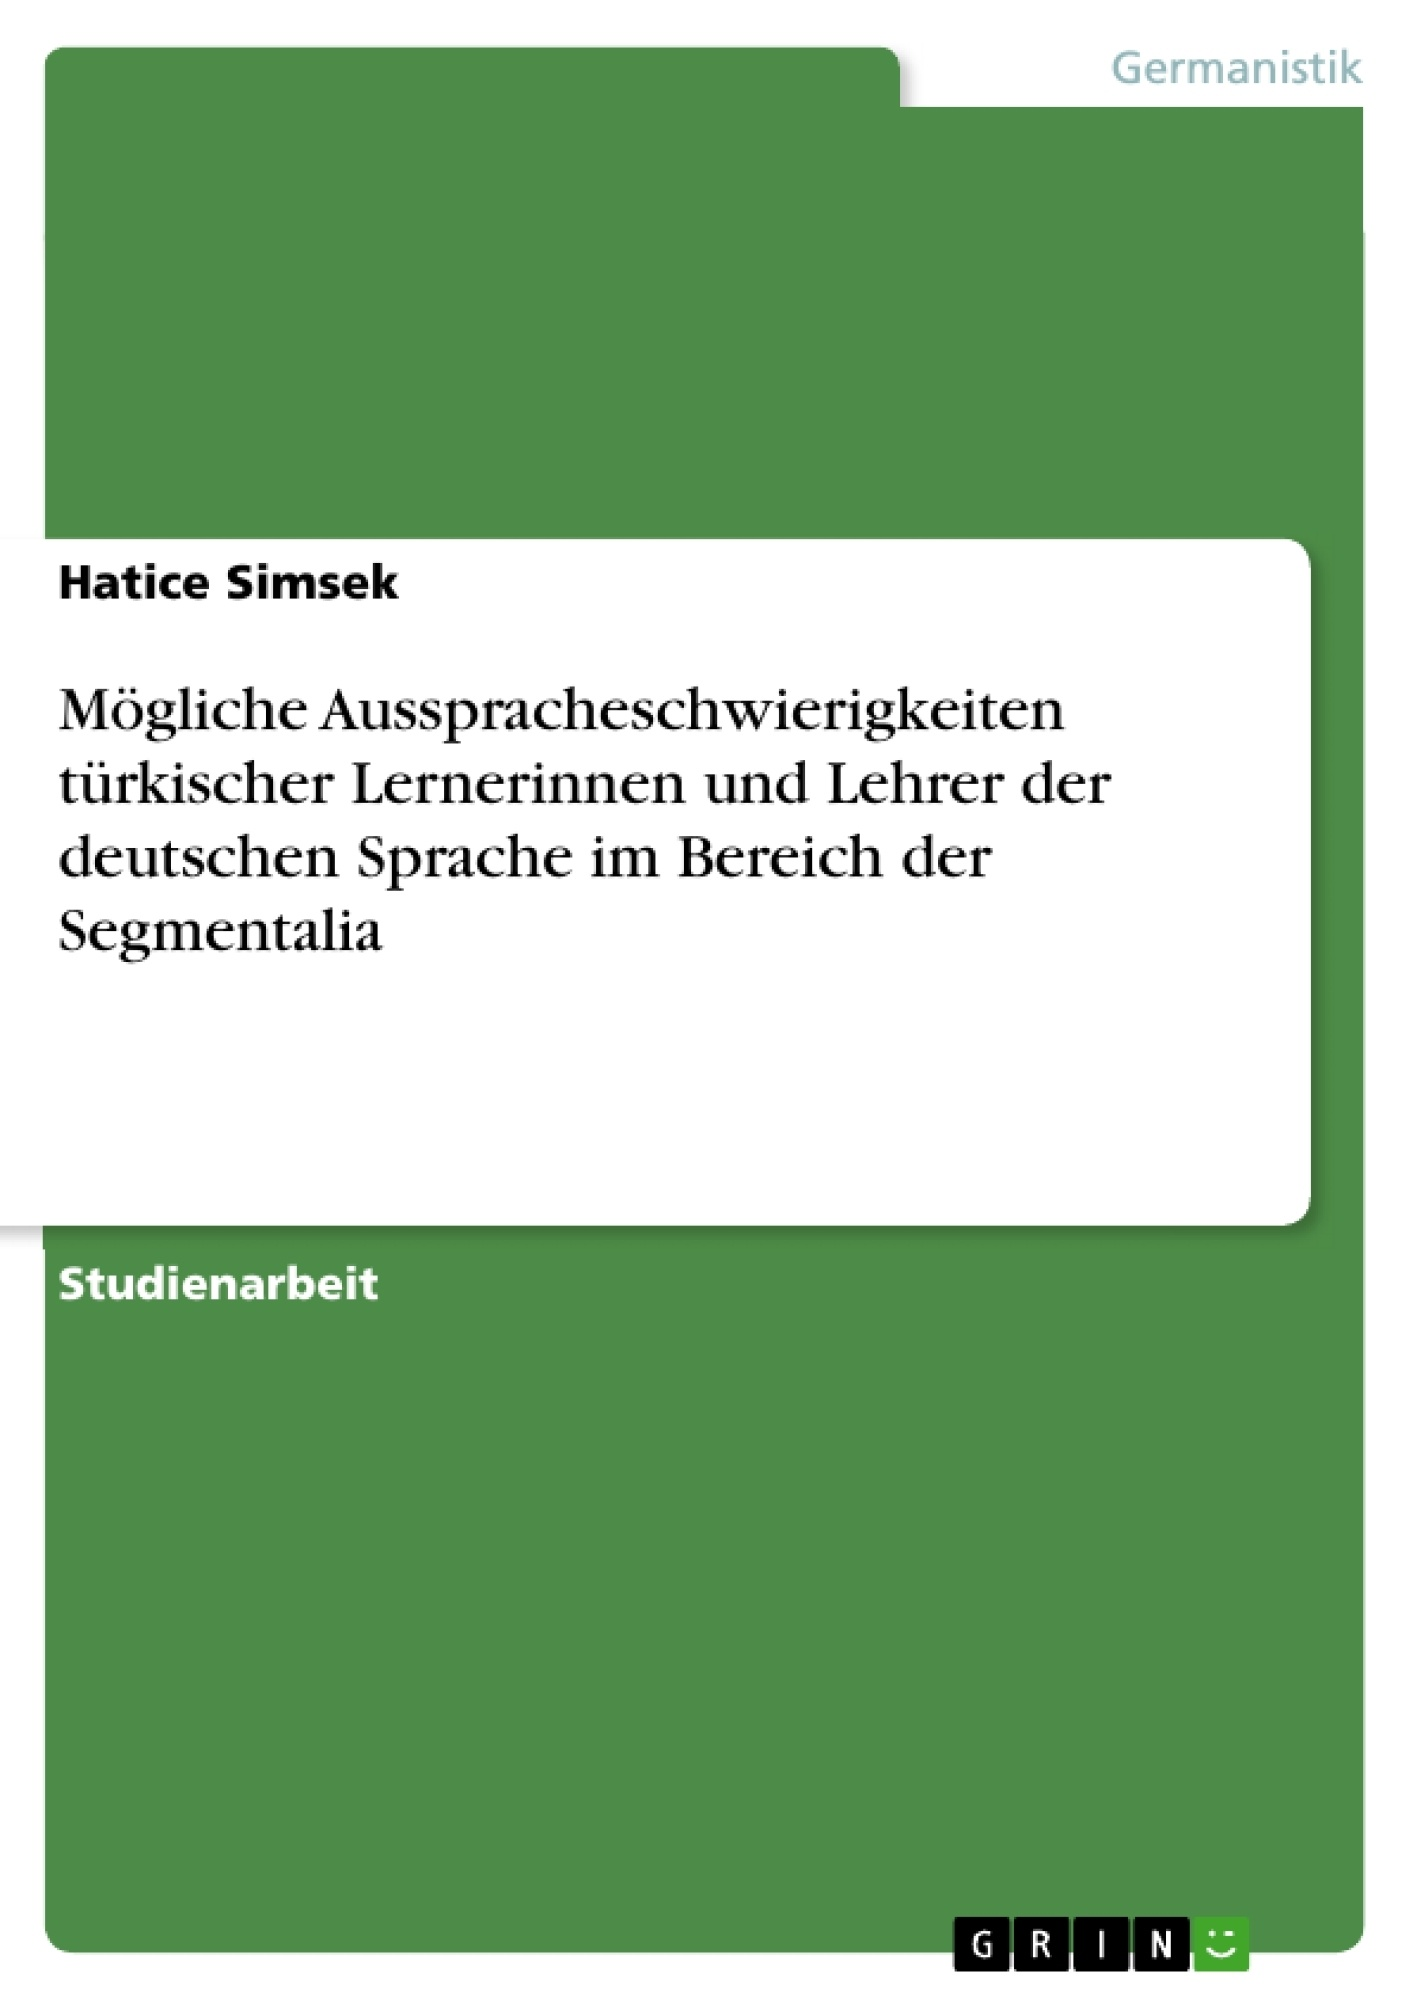 Titel: Mögliche Ausspracheschwierigkeiten türkischer Lernerinnen und Lehrer der deutschen Sprache im Bereich der Segmentalia